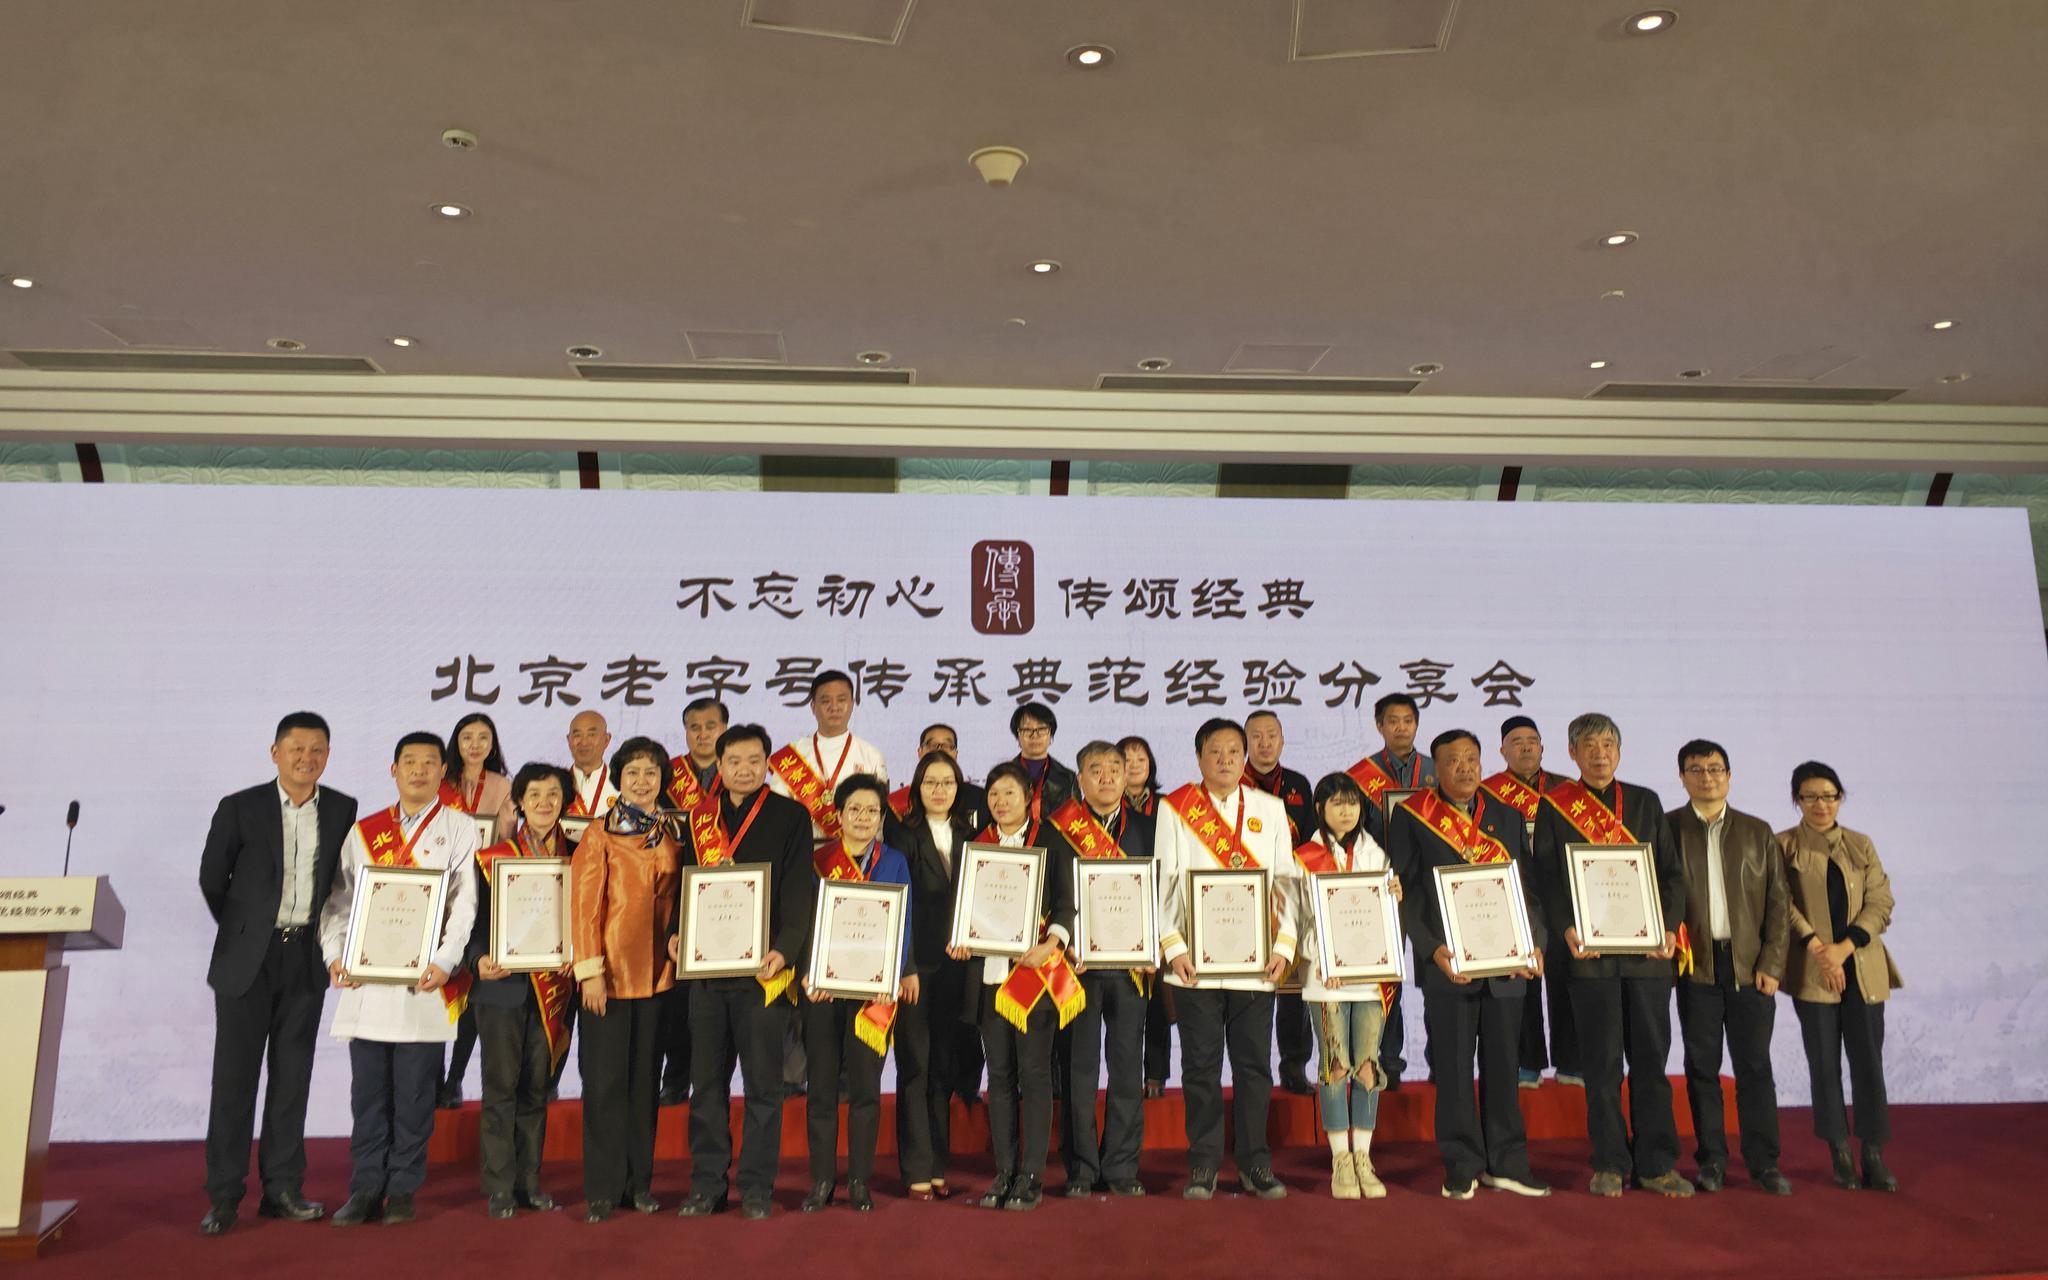 富盈娱乐国际|内蒙古:200面国旗在八千里北疆同时升起